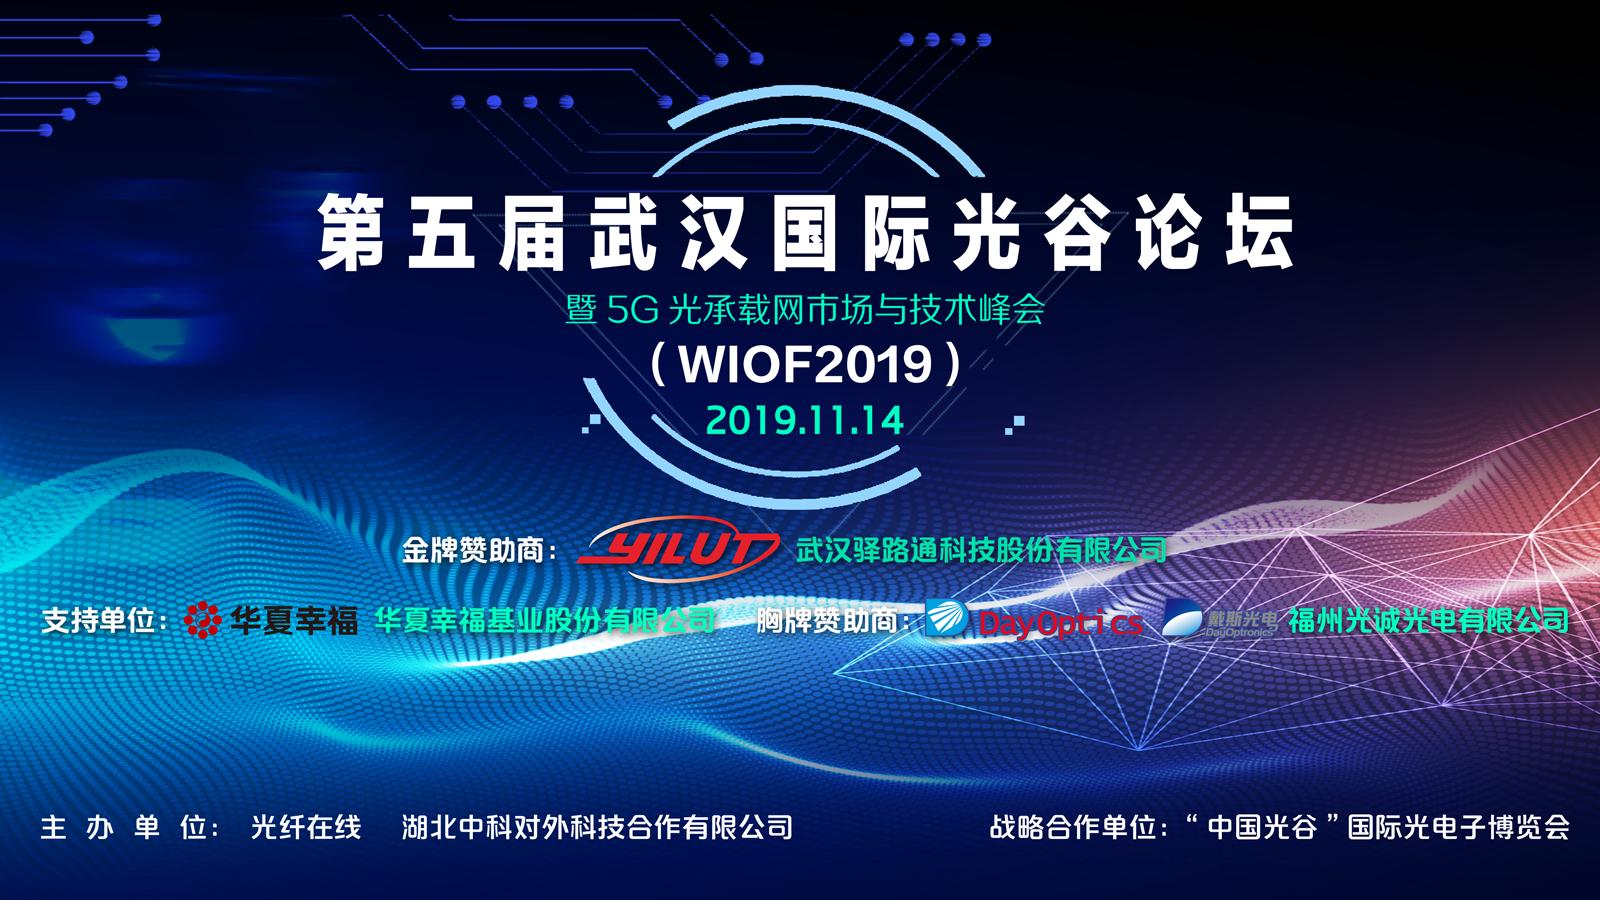 第五届武汉国际光谷论坛WIOF2019(共8节全)